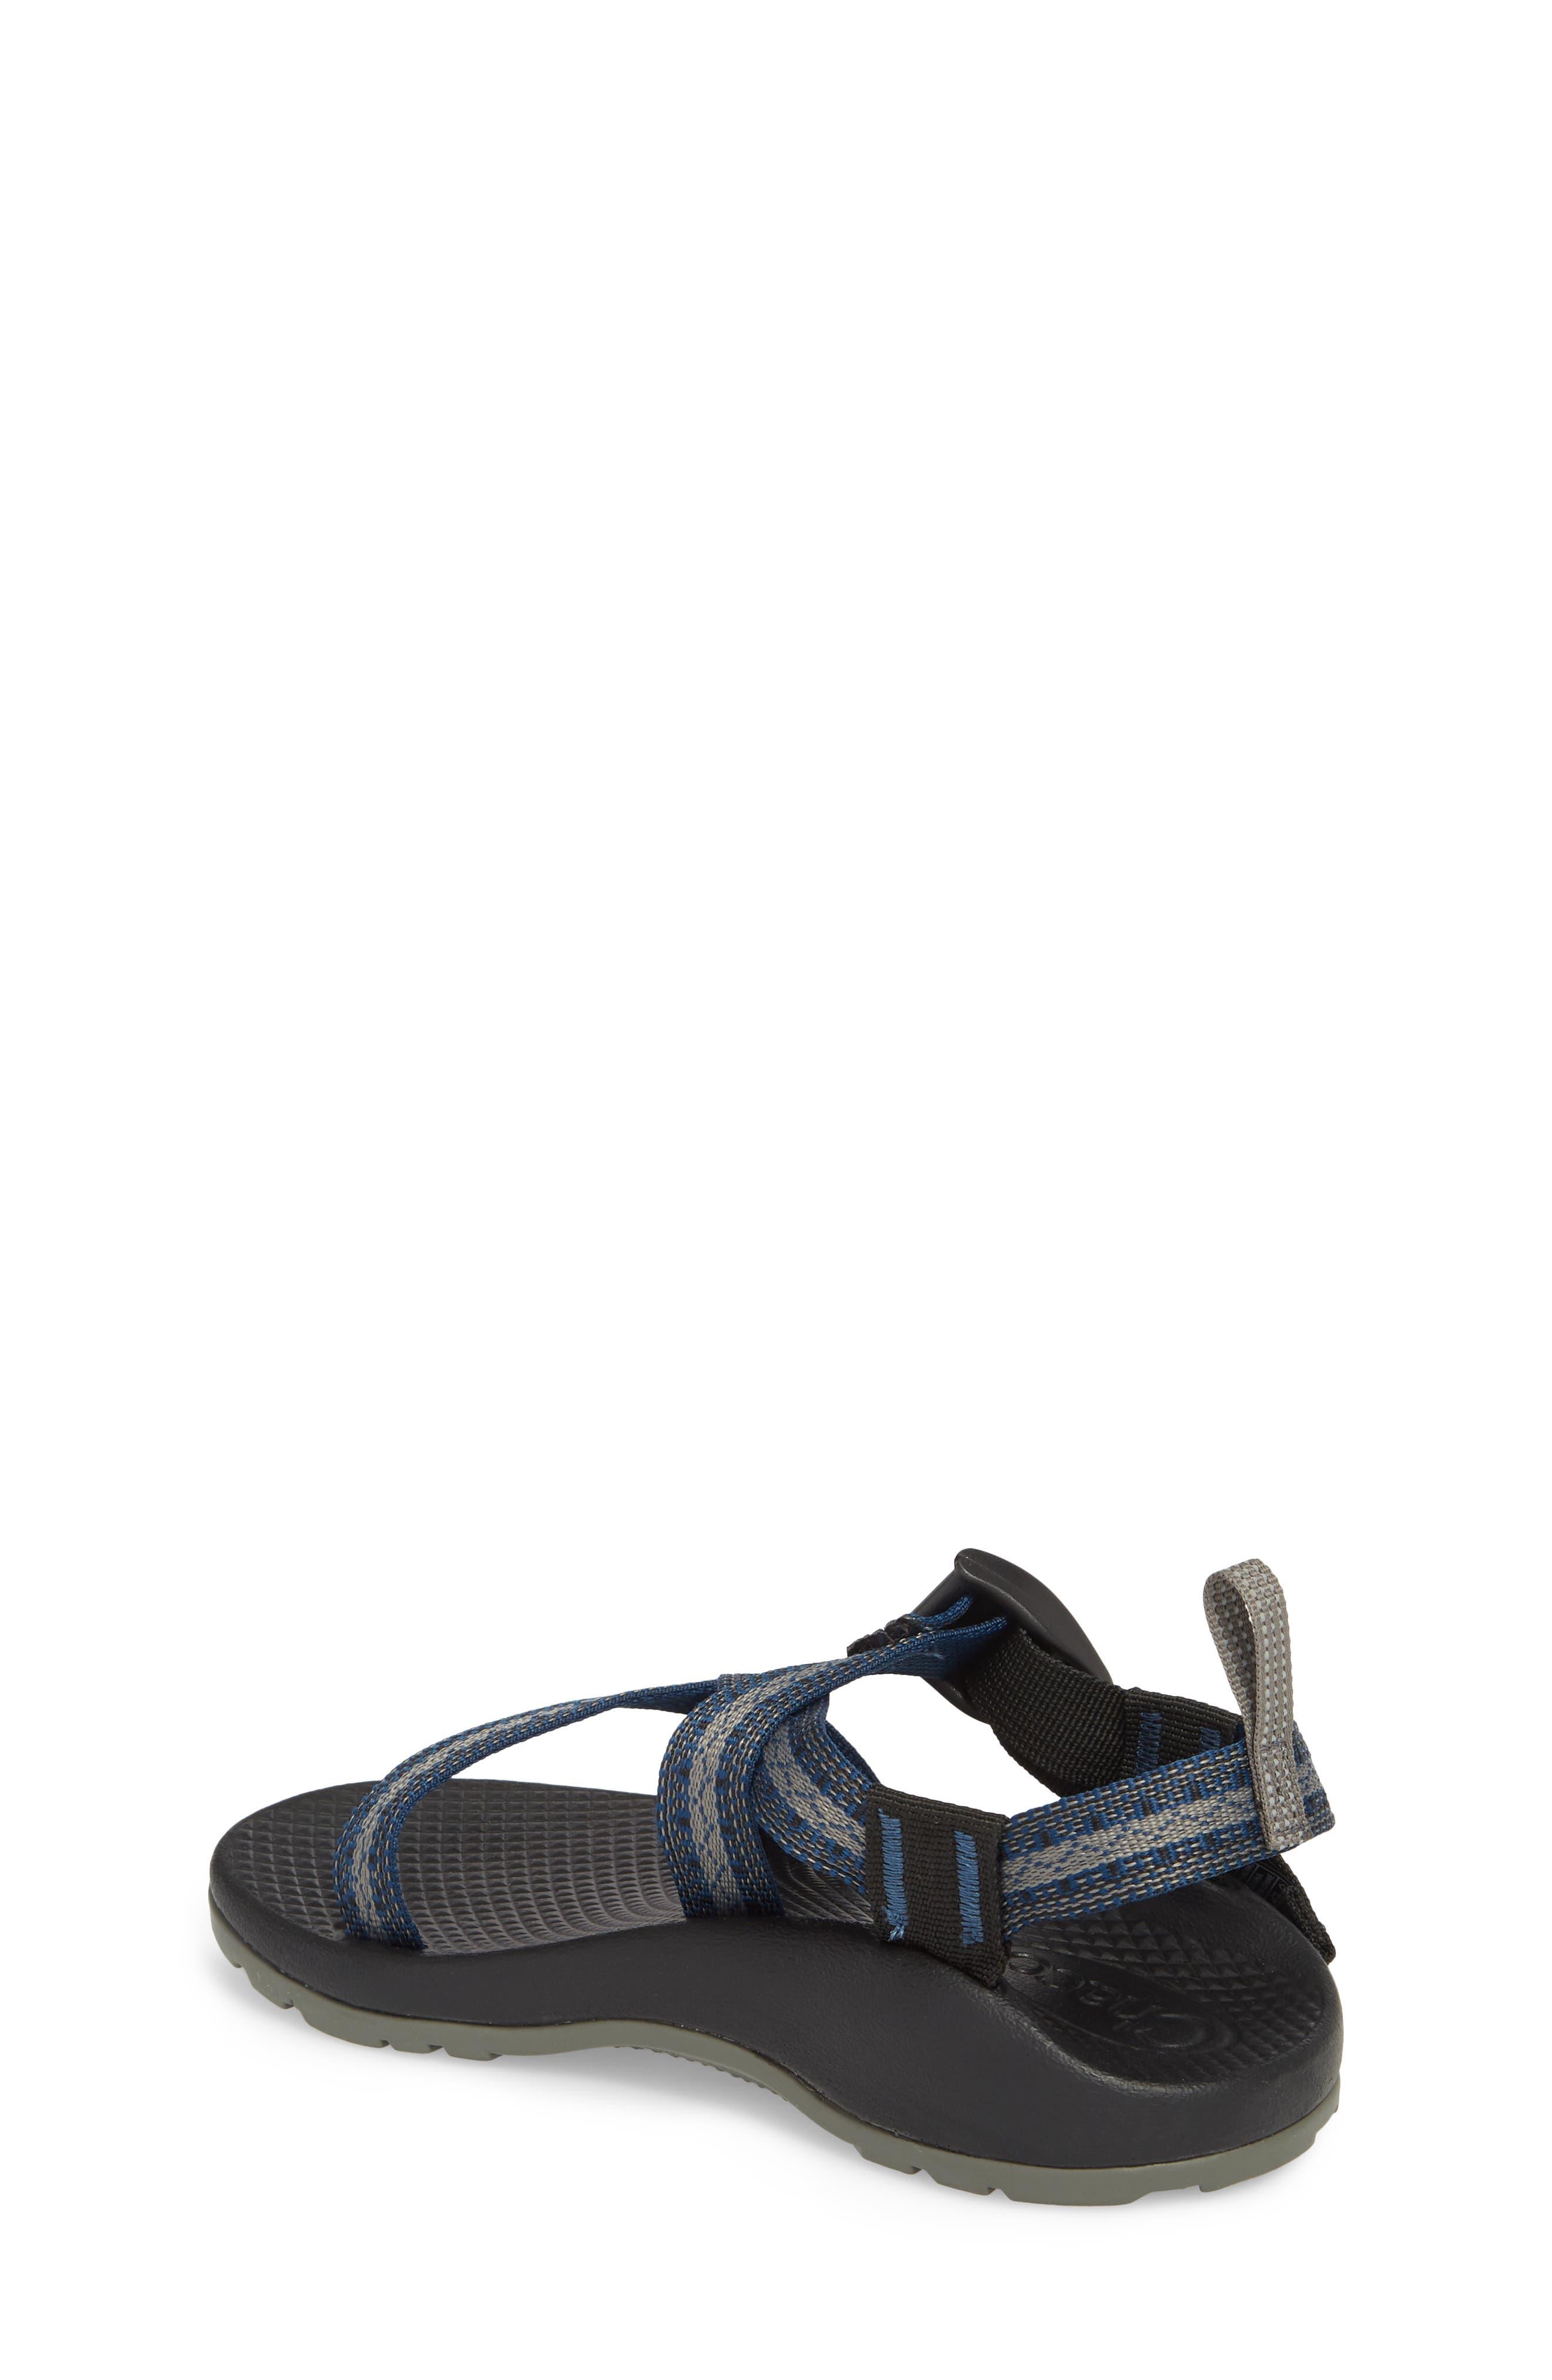 Z/1 Sport Sandal,                             Alternate thumbnail 2, color,                             STAKES